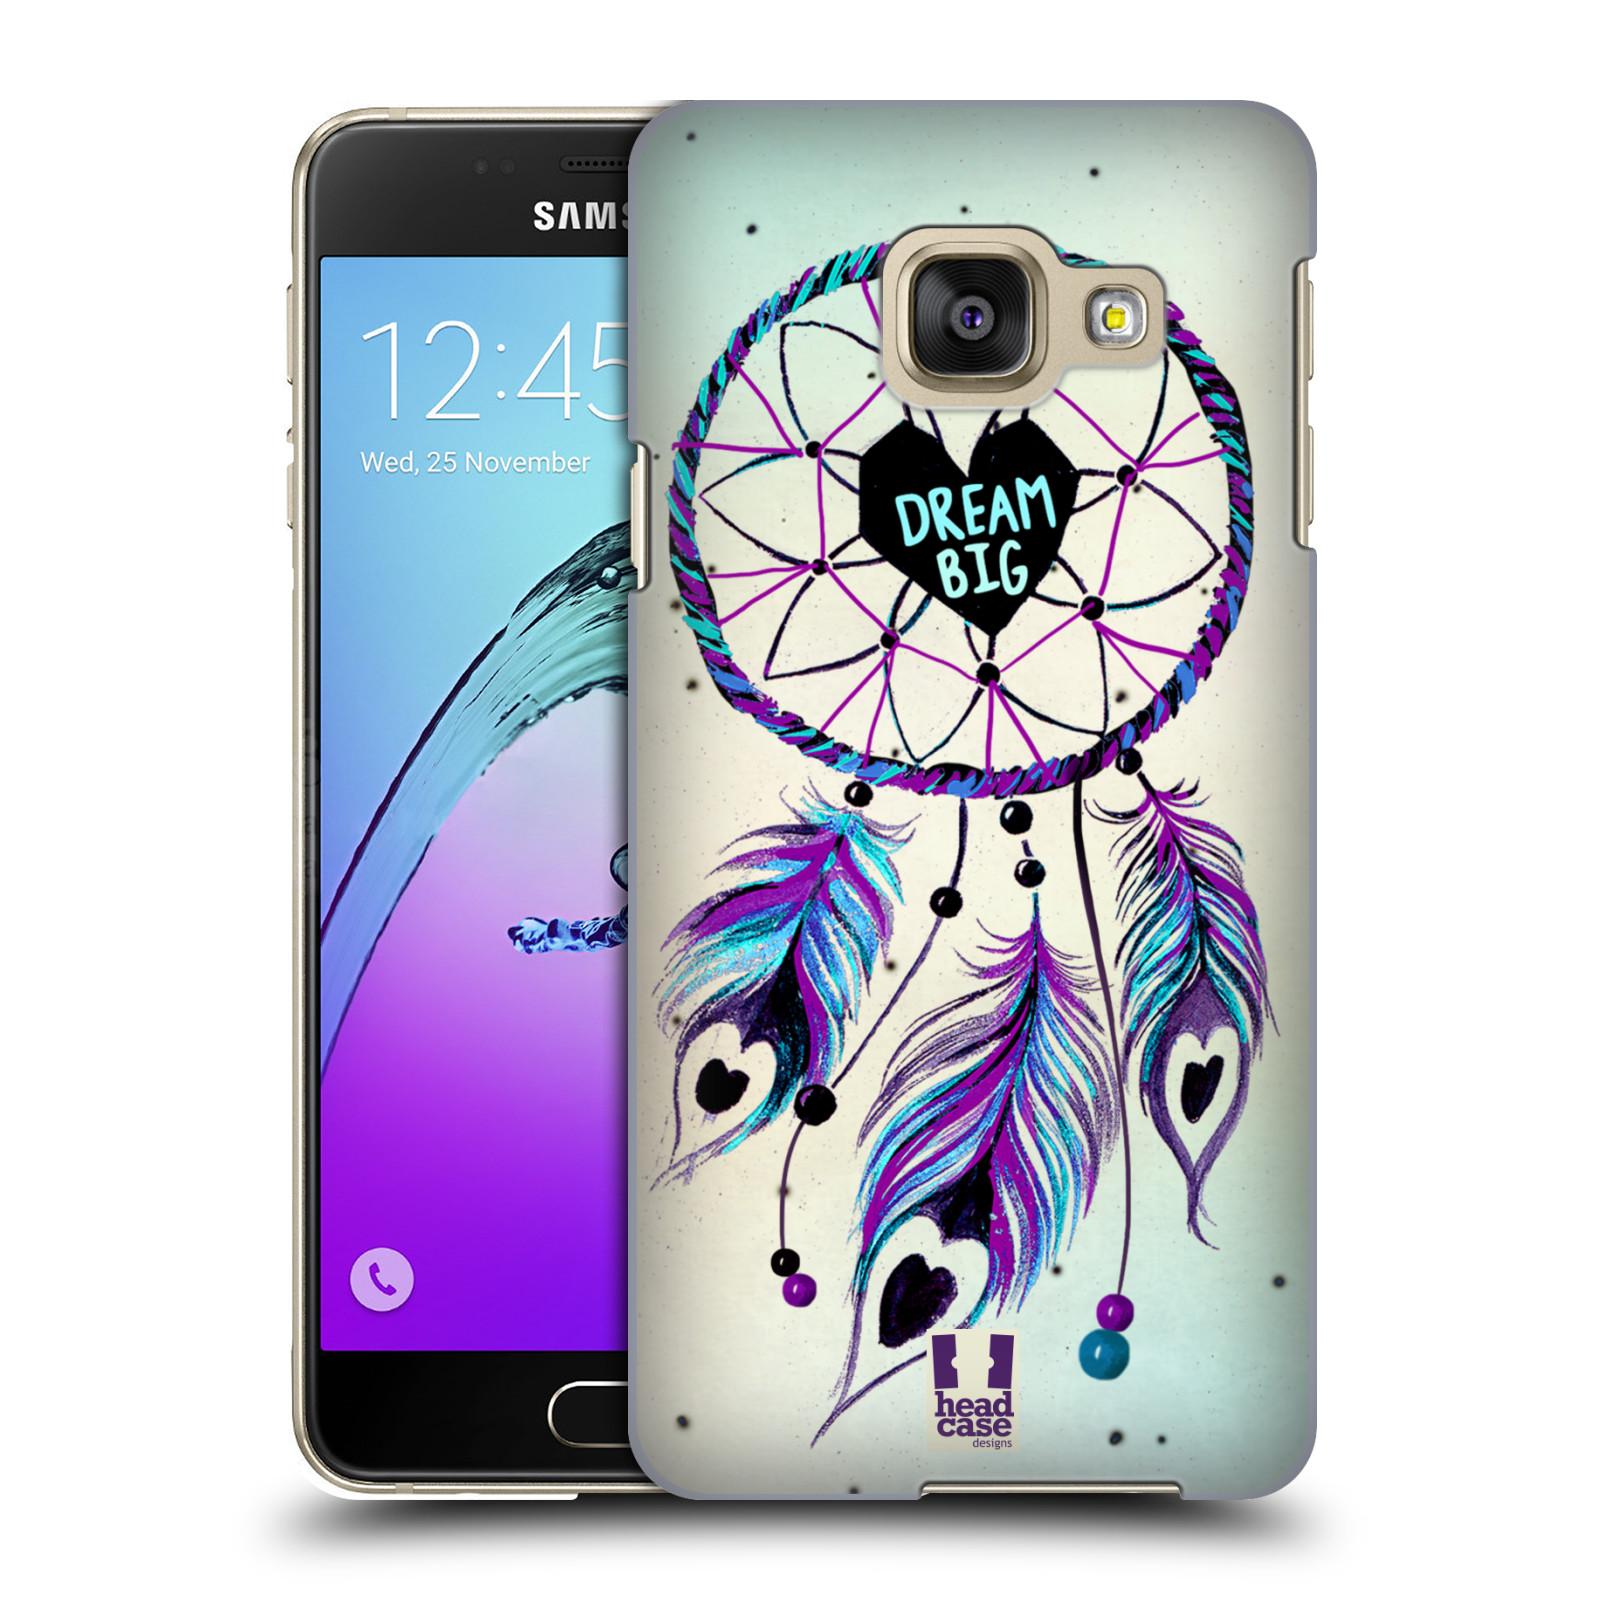 Plastové pouzdro na mobil Samsung Galaxy A3 (2016) HEAD CASE Lapač Assorted Dream Big Srdce